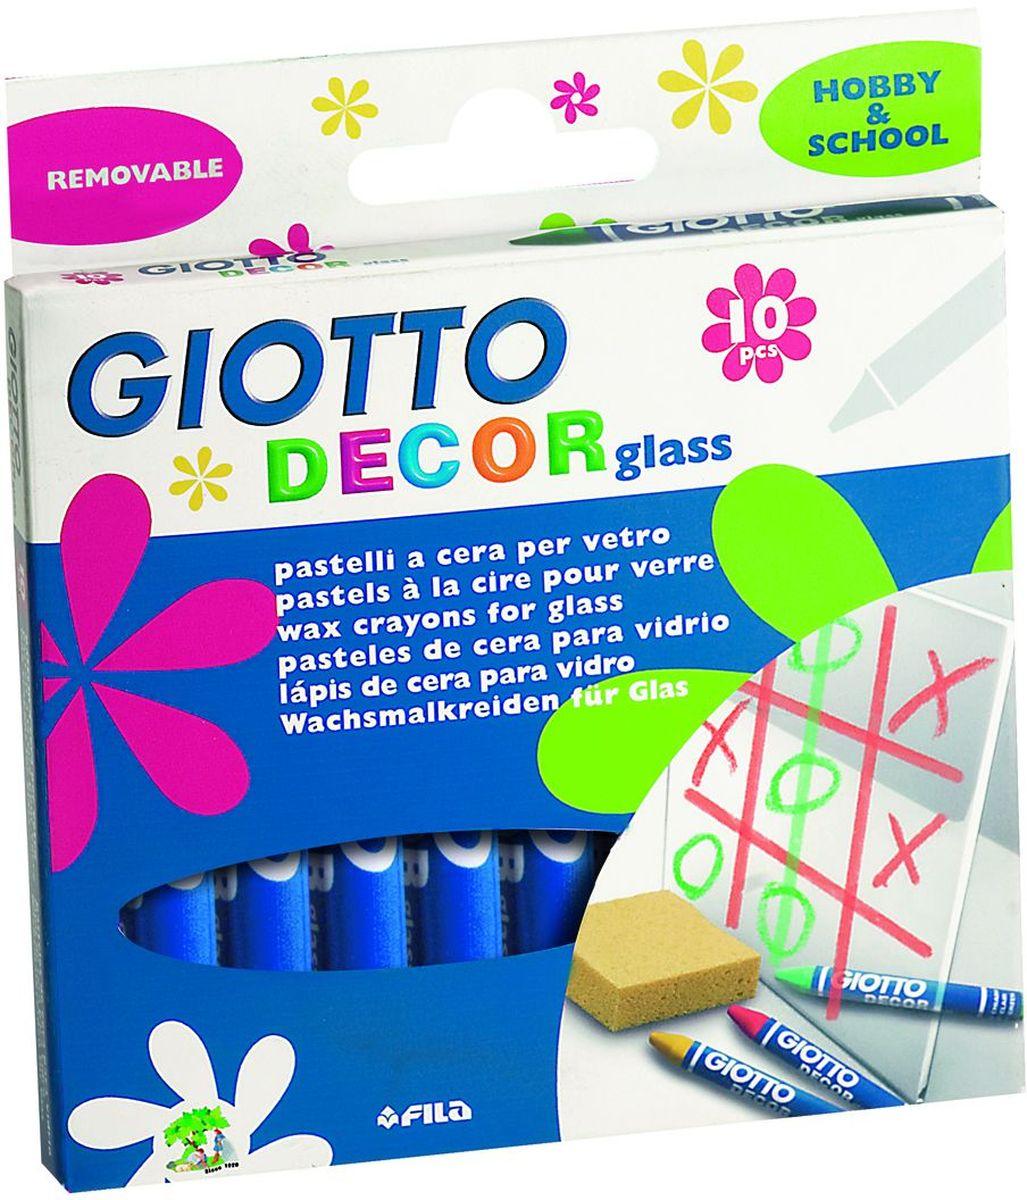 Giotto Набор восковых карандашей Decor Glass 10 шт441000Набор восковых карандашей Giotto Decor Glass создан специально для декорирования стекол и зеркал. Карандаши идеальны для тематического оформления к празднику, а также для хобби и игр. Все цвета легко стираются тряпкой, даже если они были нанесены долгое время назад.Легко отстирываются от одежды и отмываются от рук. В наборе 10 восковых карандашей. Каждый мелок упакован в индивидуальную бумажную рубашку. Длина - 90 мм, диаметр 9,5 мм.